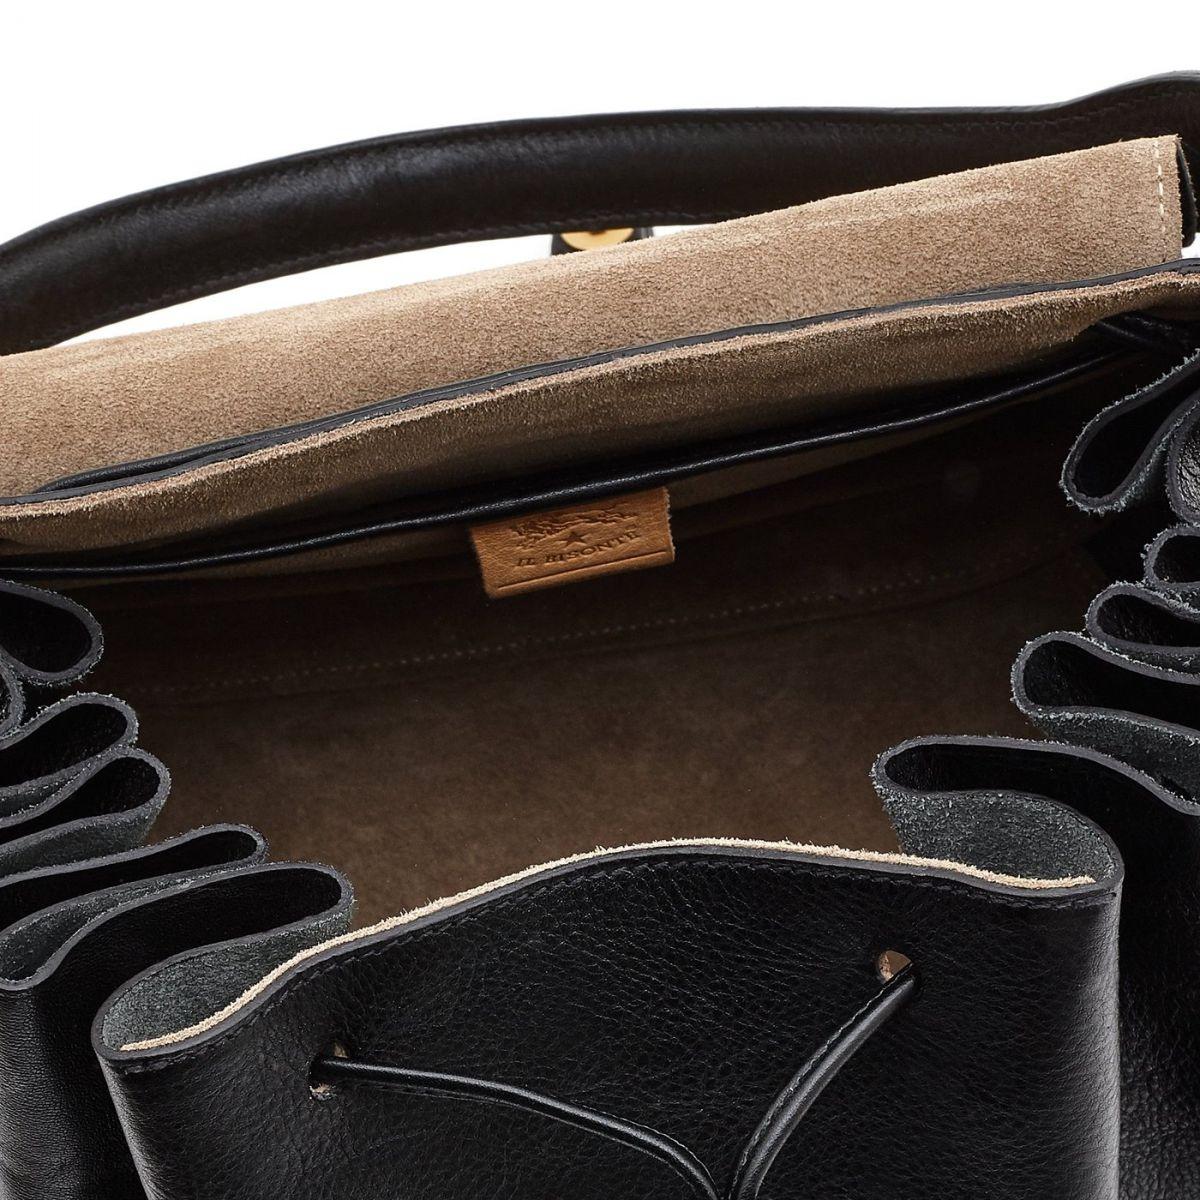 Borsa A Spalla da Donna Curly in Pelle Di Vacchetta BSH064 colore Nero | Details